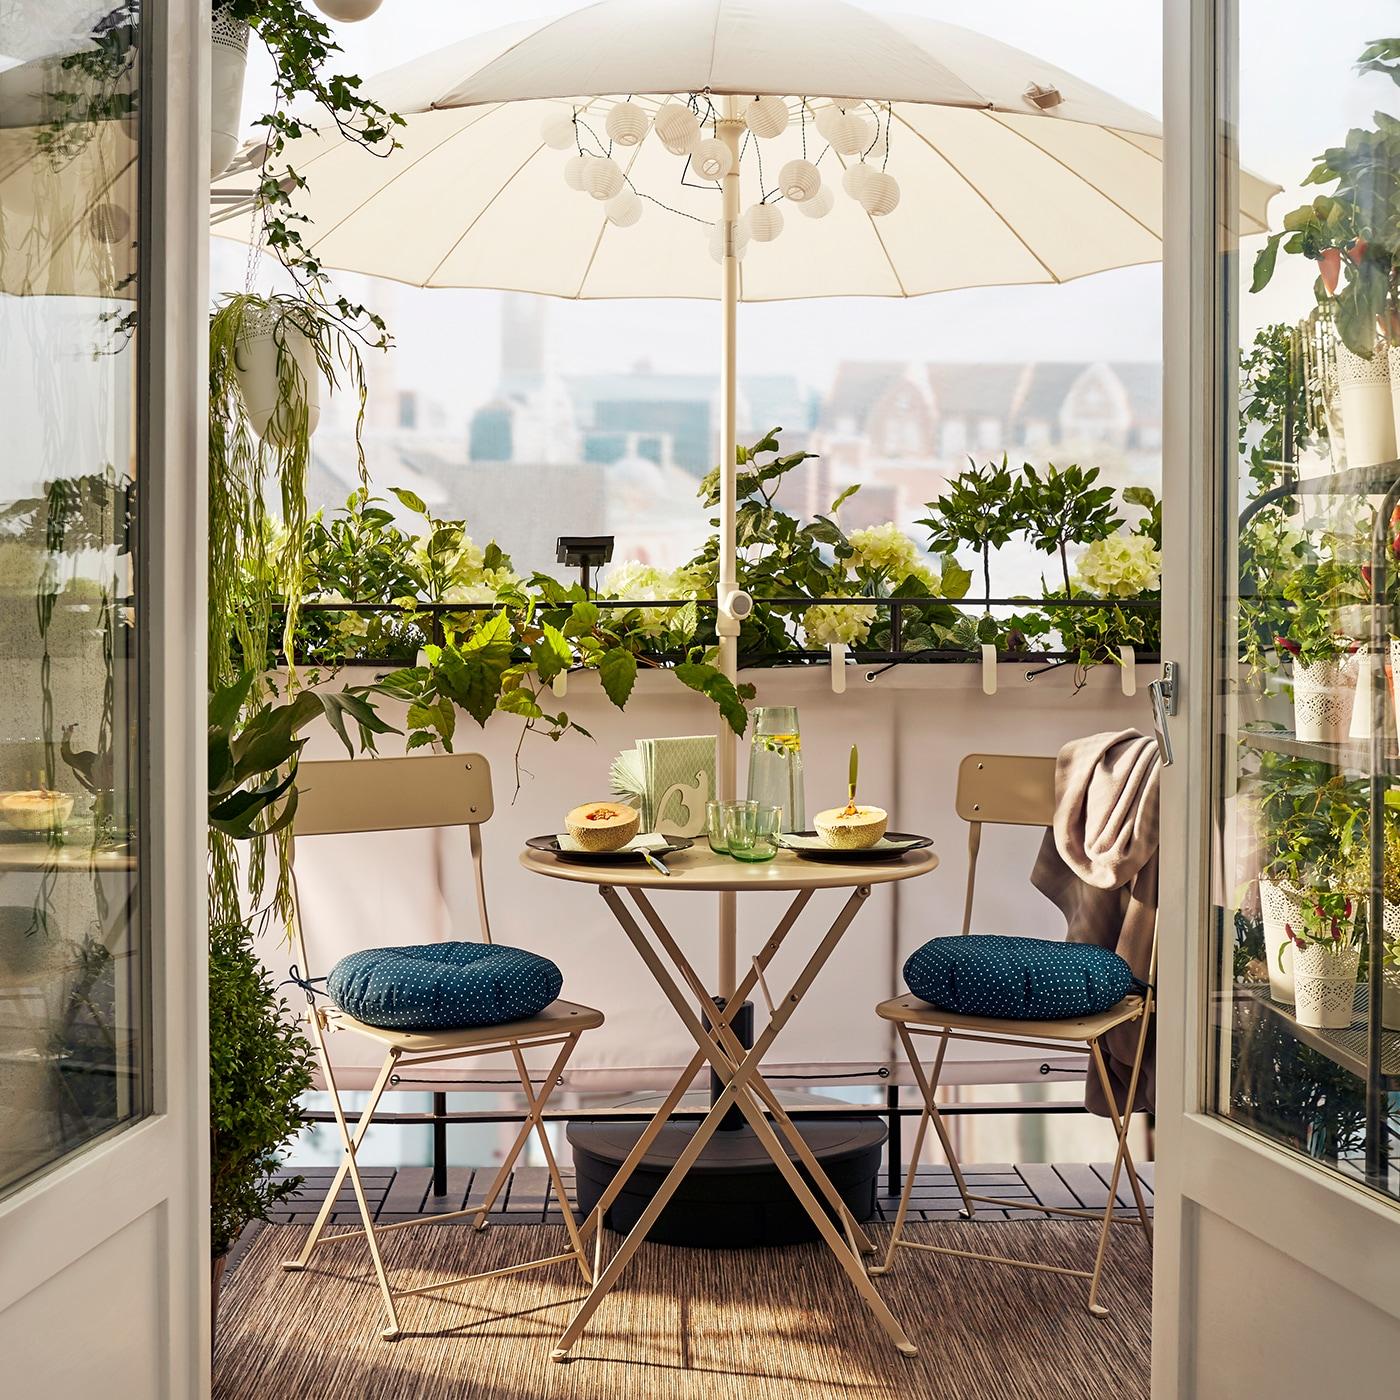 schlichte eleganz f r kleine balkone ikea. Black Bedroom Furniture Sets. Home Design Ideas